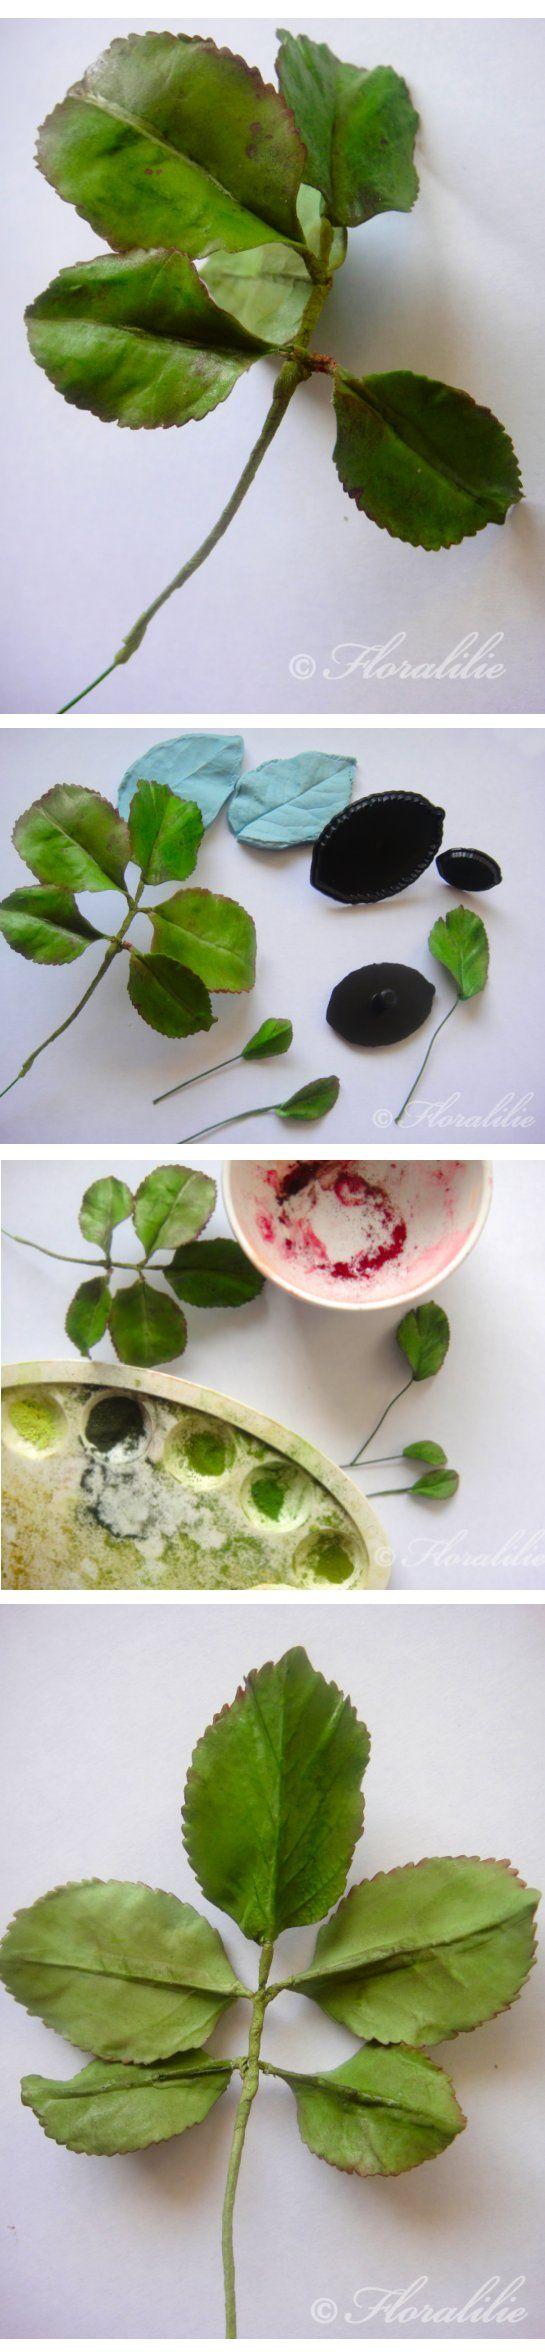 Rosenblätter aus Blütenpaste - Rose leaves from gumpaste by Floralilie